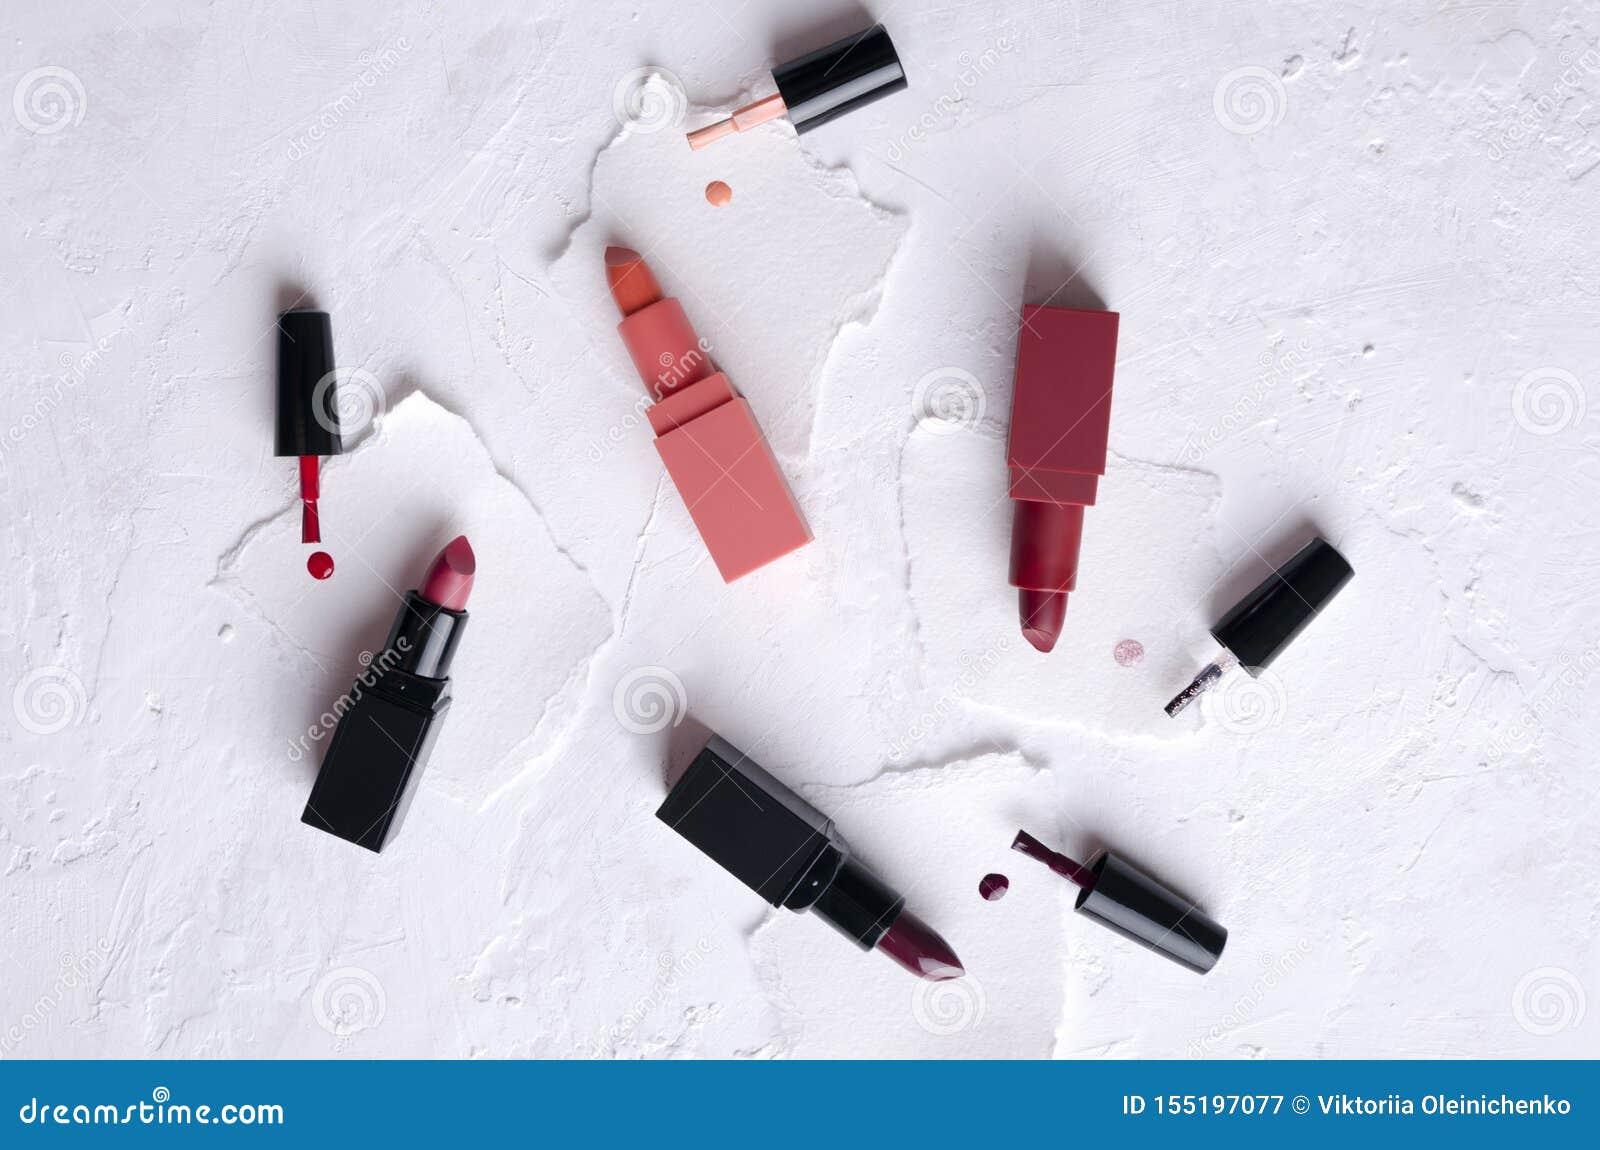 唇膏的例子顶视图,白色表面上的指甲油